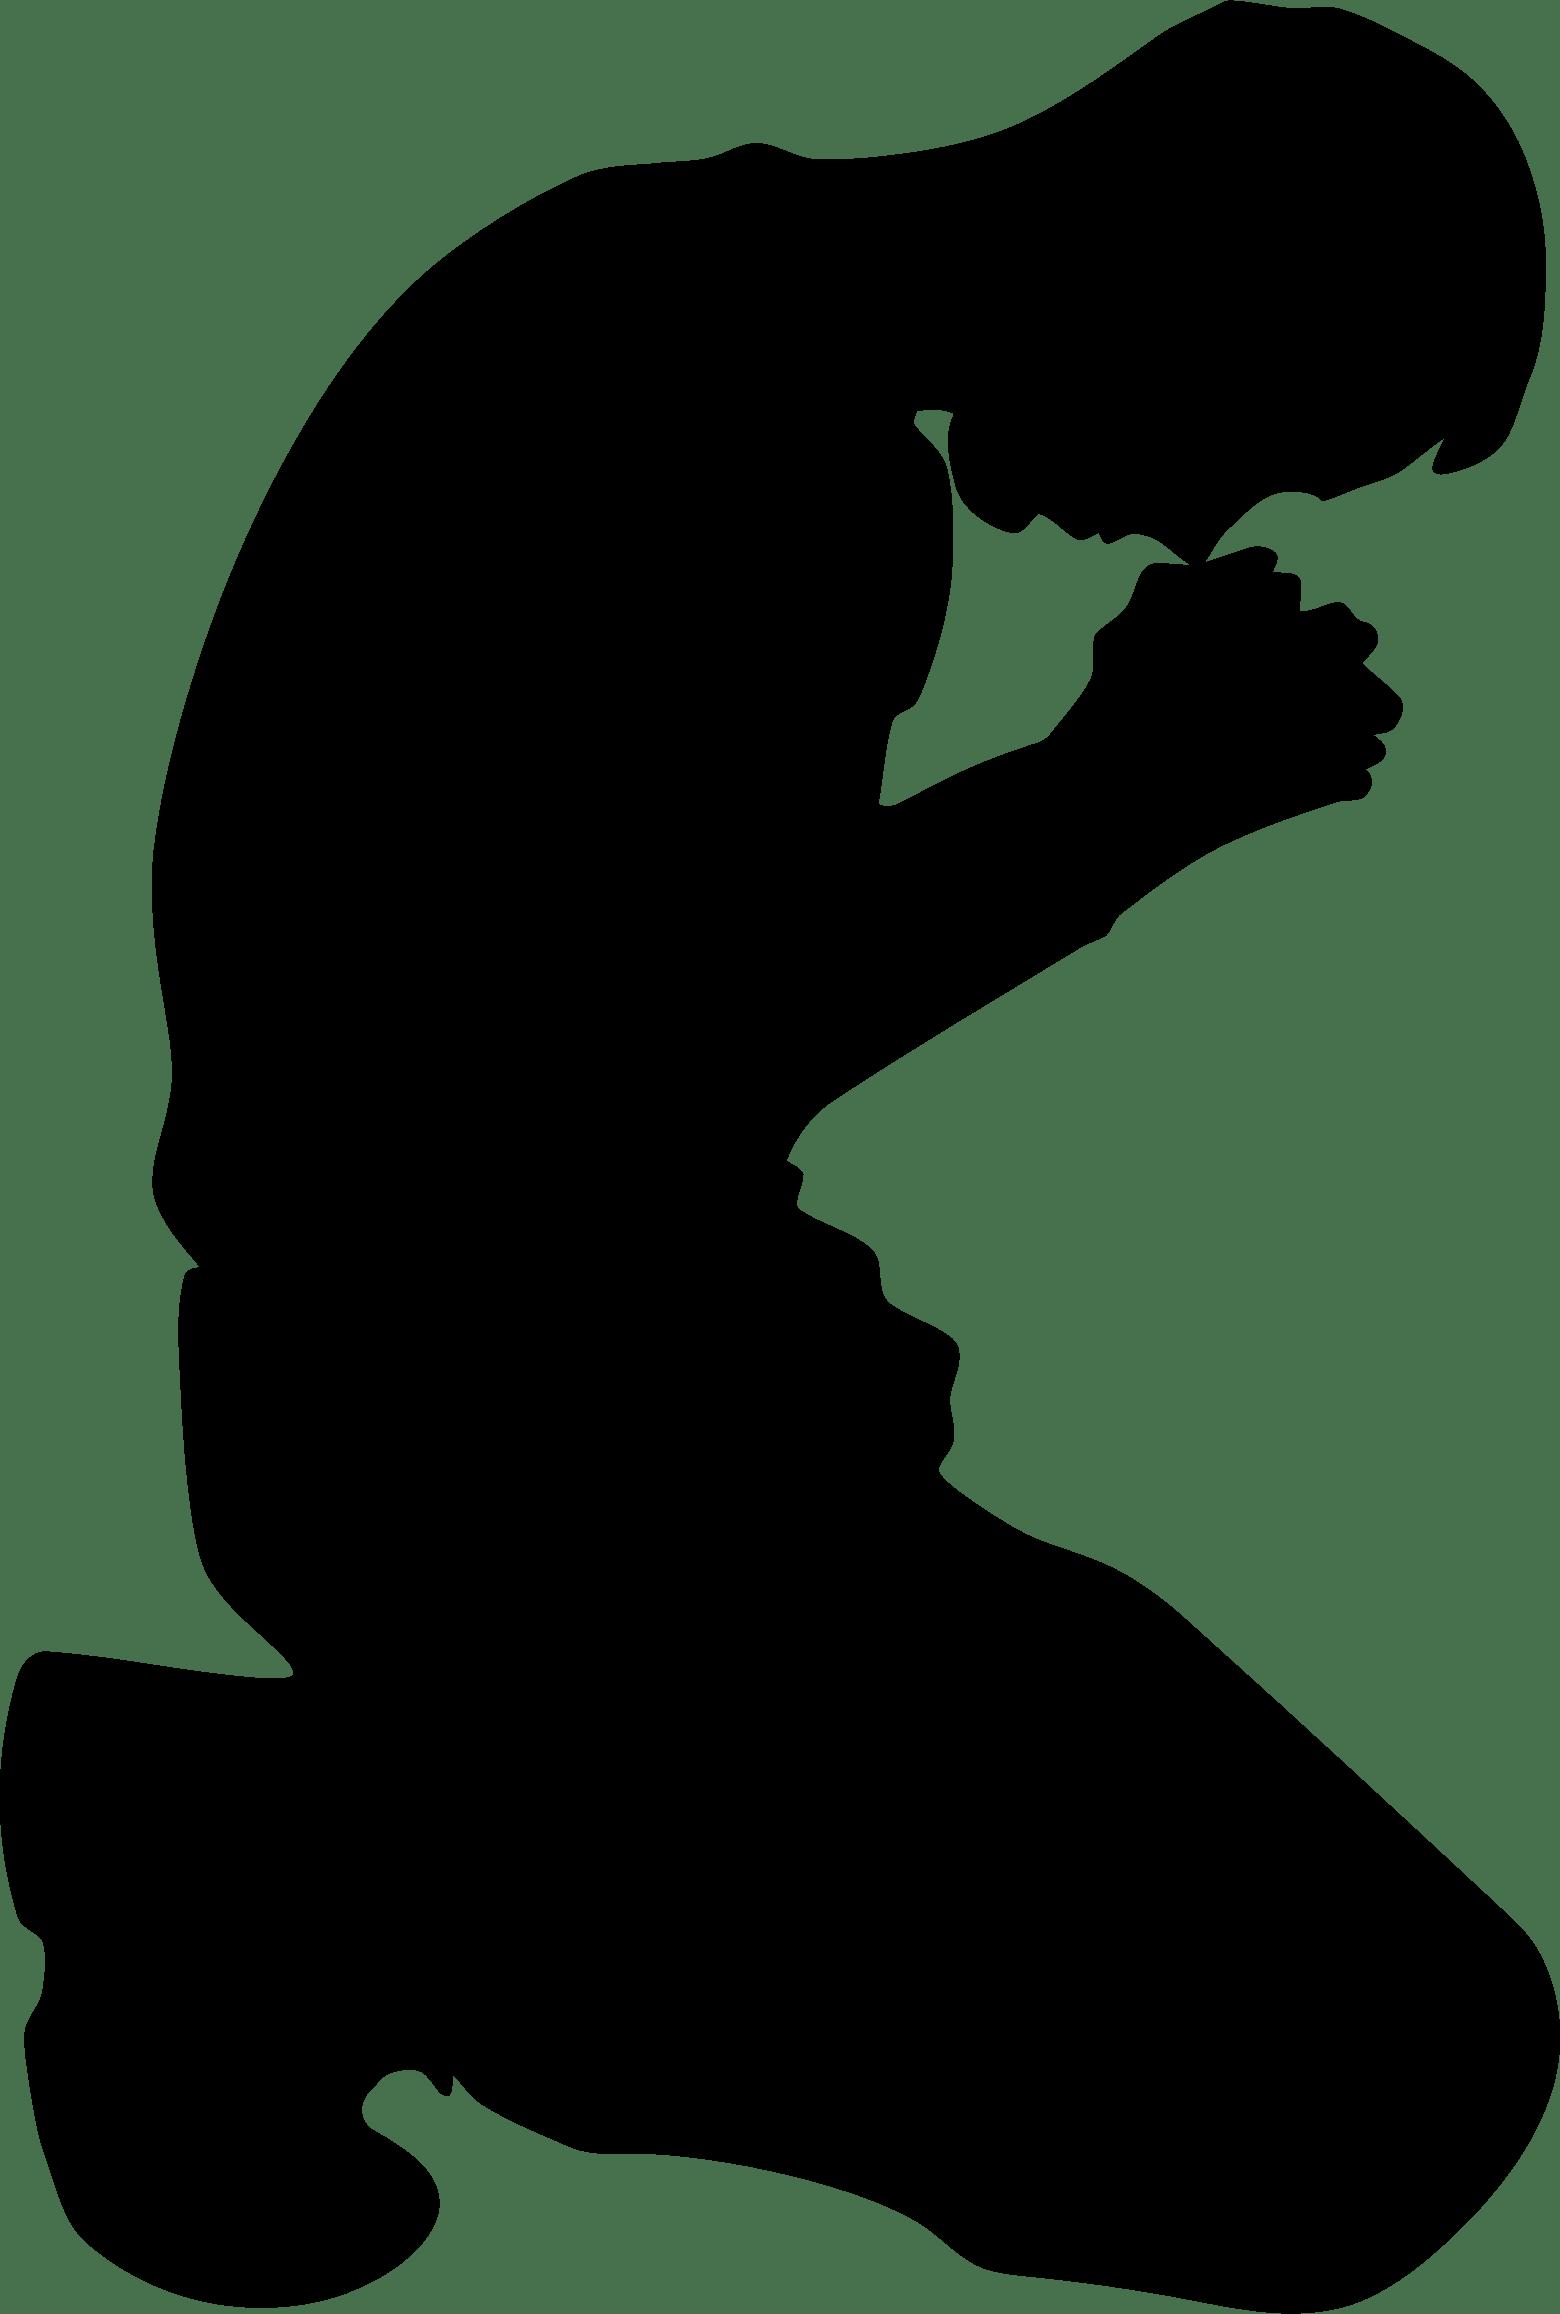 1560x2314 Man Kneeling In Prayer Minus Ground Silhouette